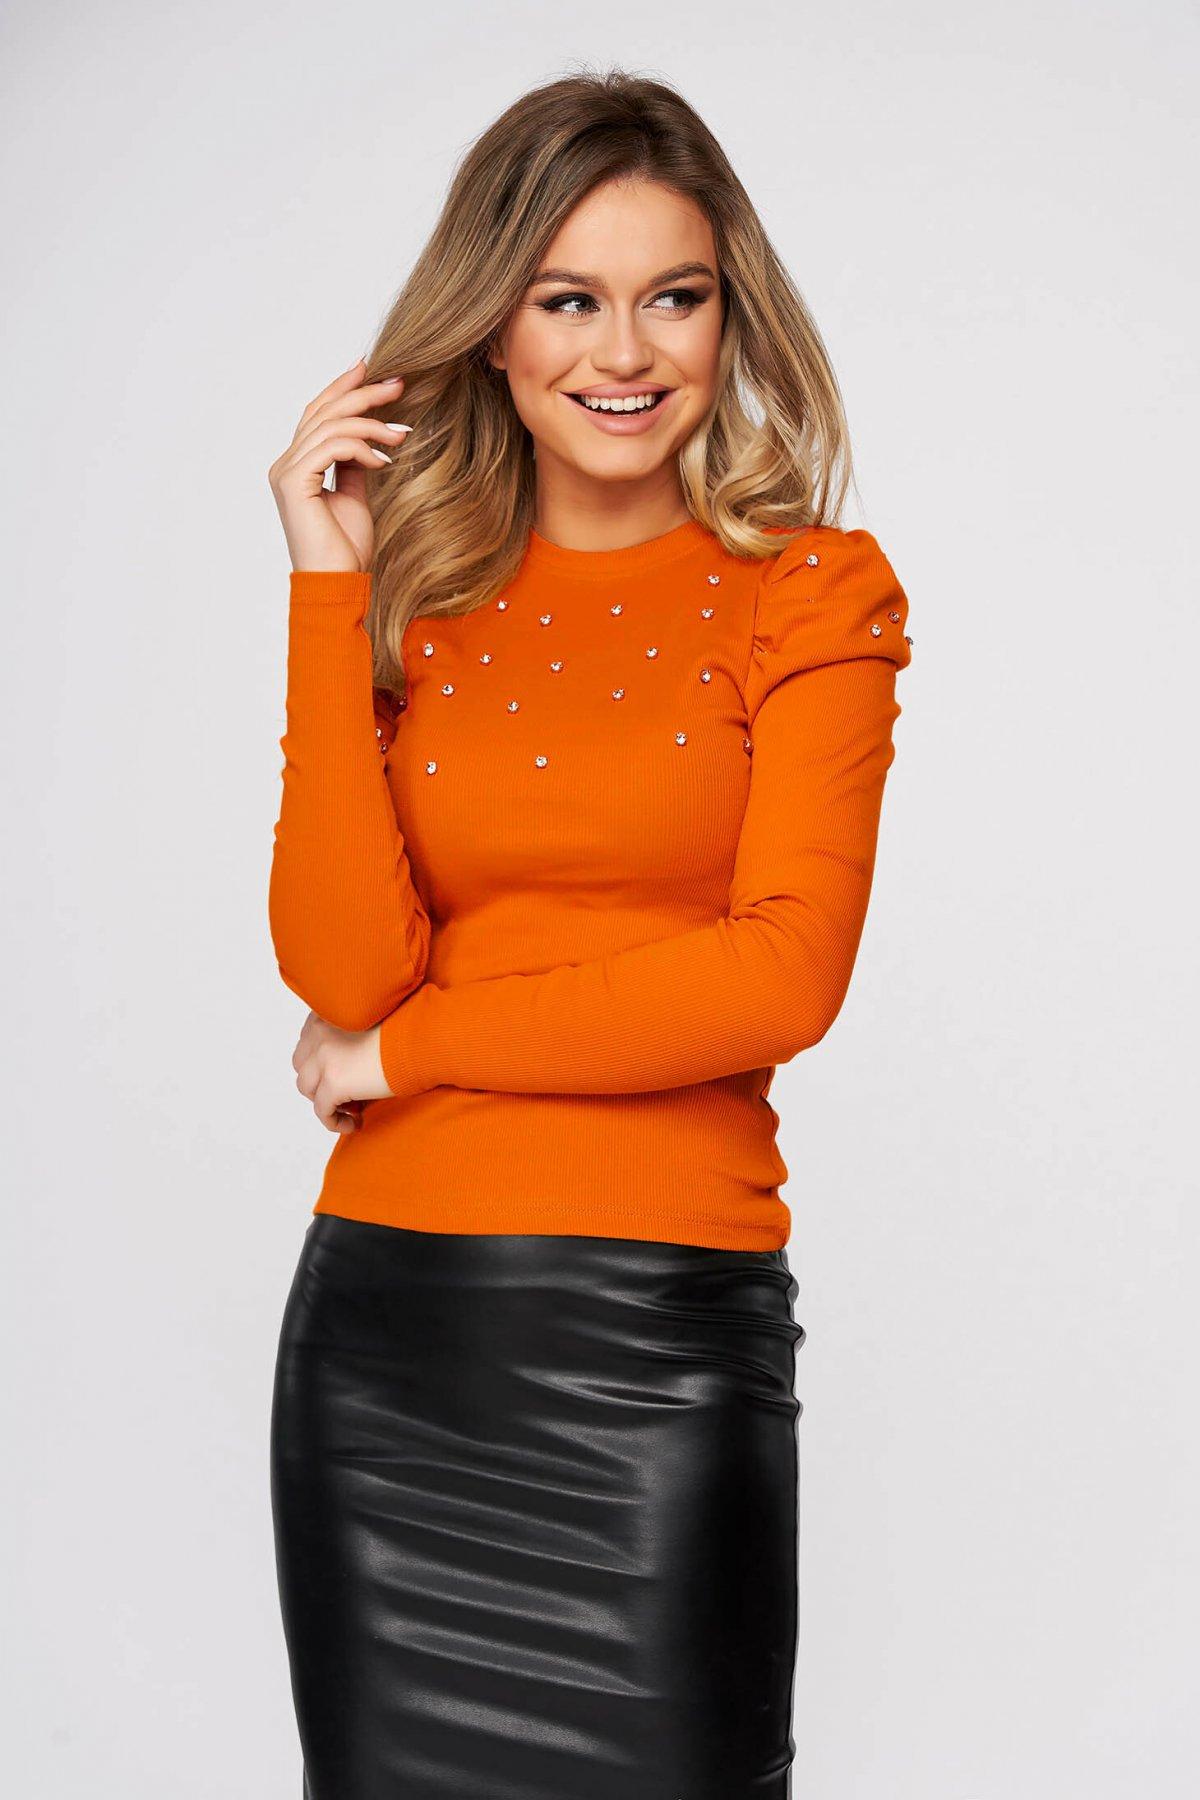 Bluza dama SunShine portocalie casual mulata din material reiat cu aplicatii cu pietre strass umeri cu volum